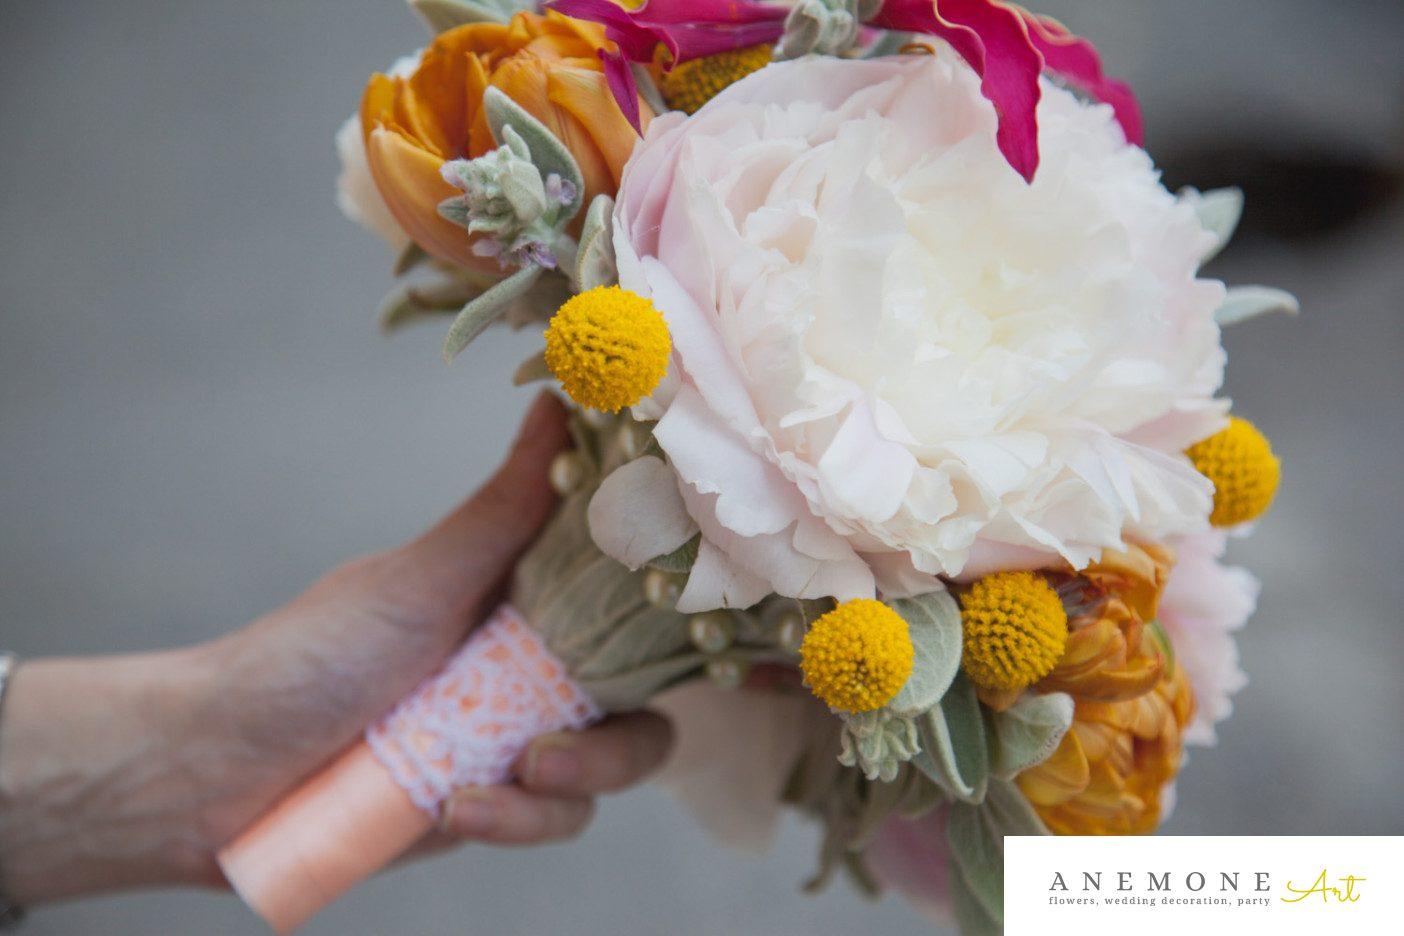 Poza, foto cu Flori de nunta buchet mireasa, bujori, craspedia, galben, gloriosa, lalele, maner buchet, roz in Arad, Timisoara, Oradea (wedding flowers, bouquets) nunta Arad, Timisoara, Oradea